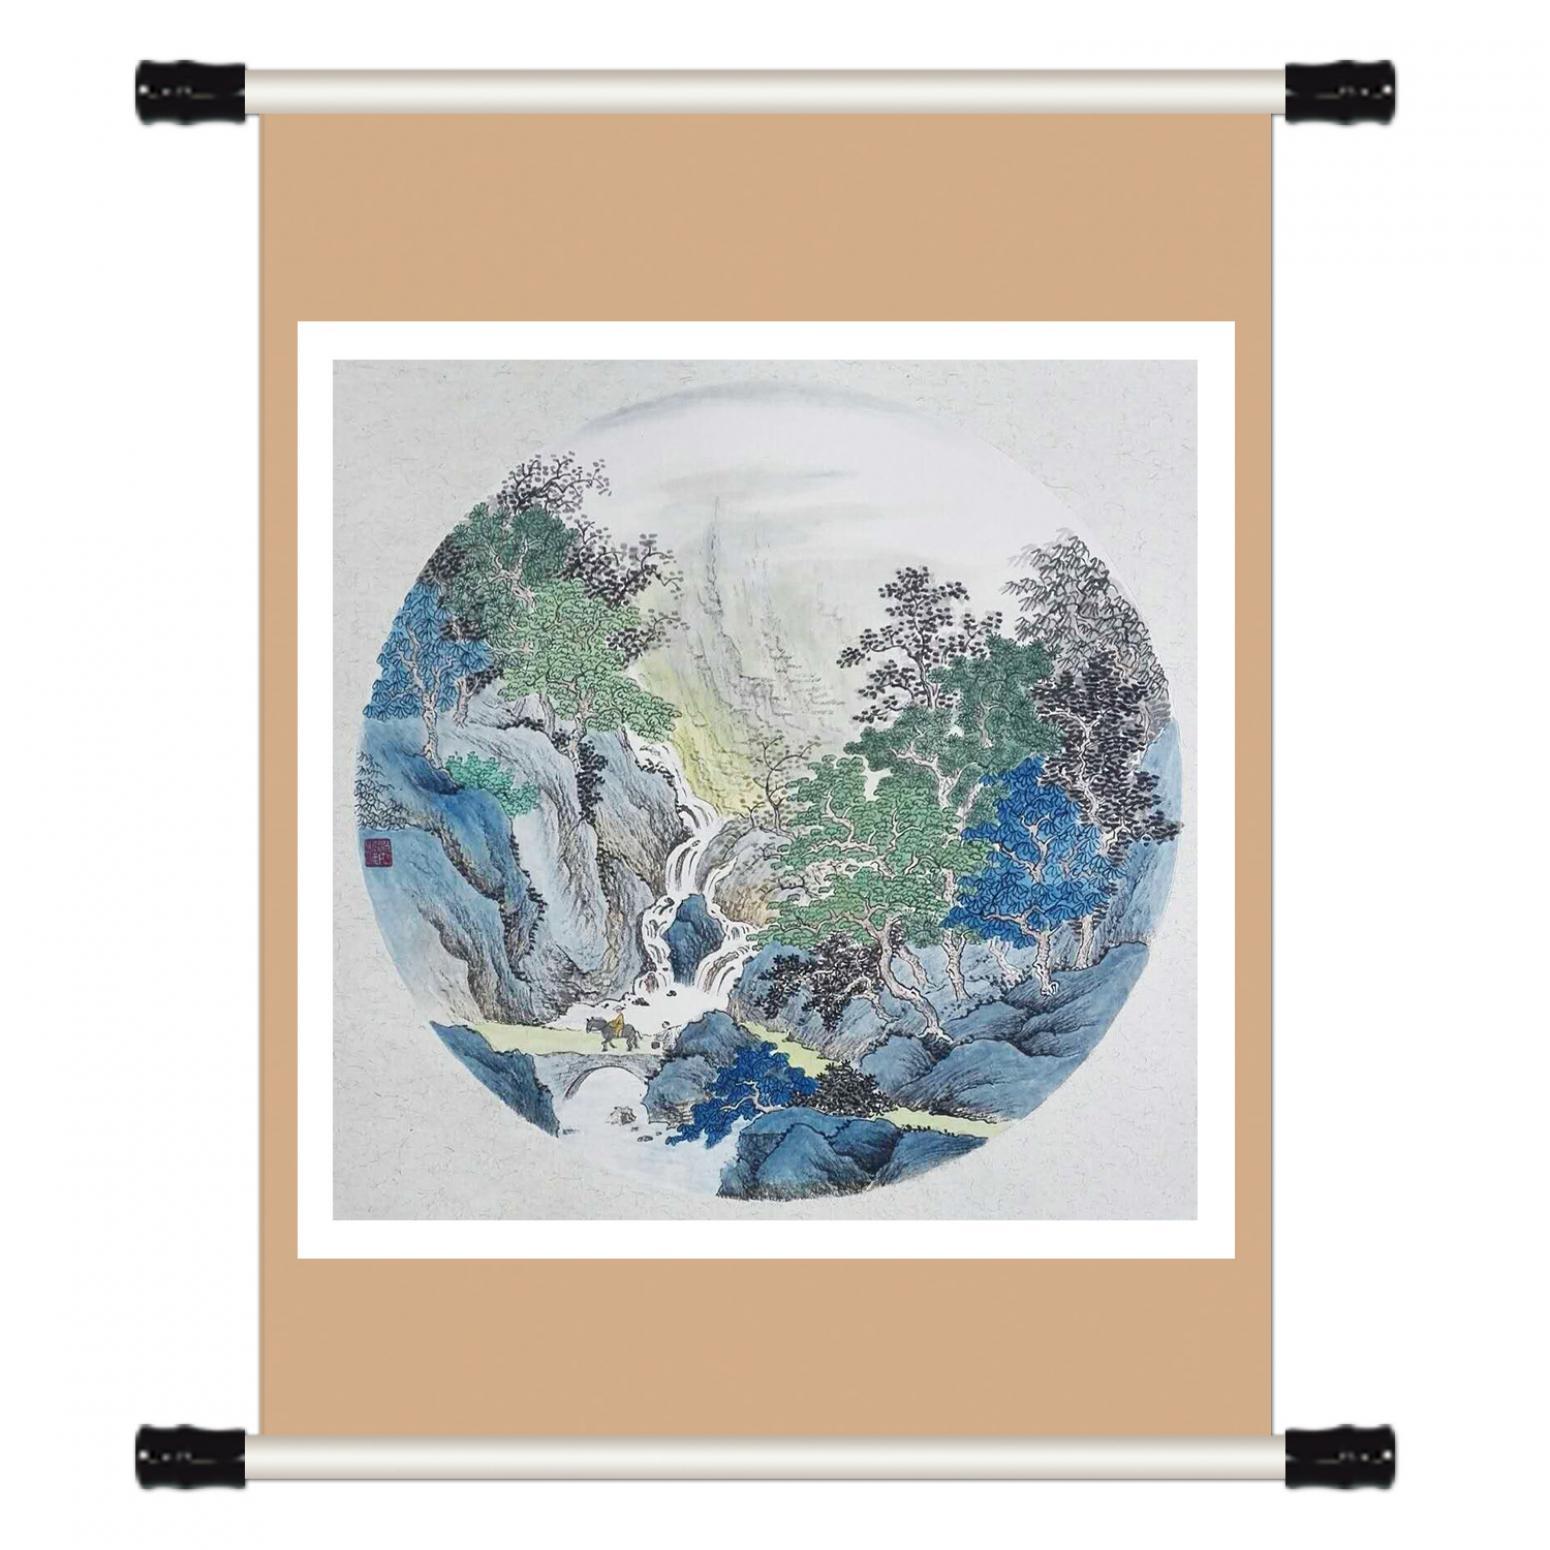 陈奇培国画作品《【圆形软卡】作者陈奇培 临摹》【图1】